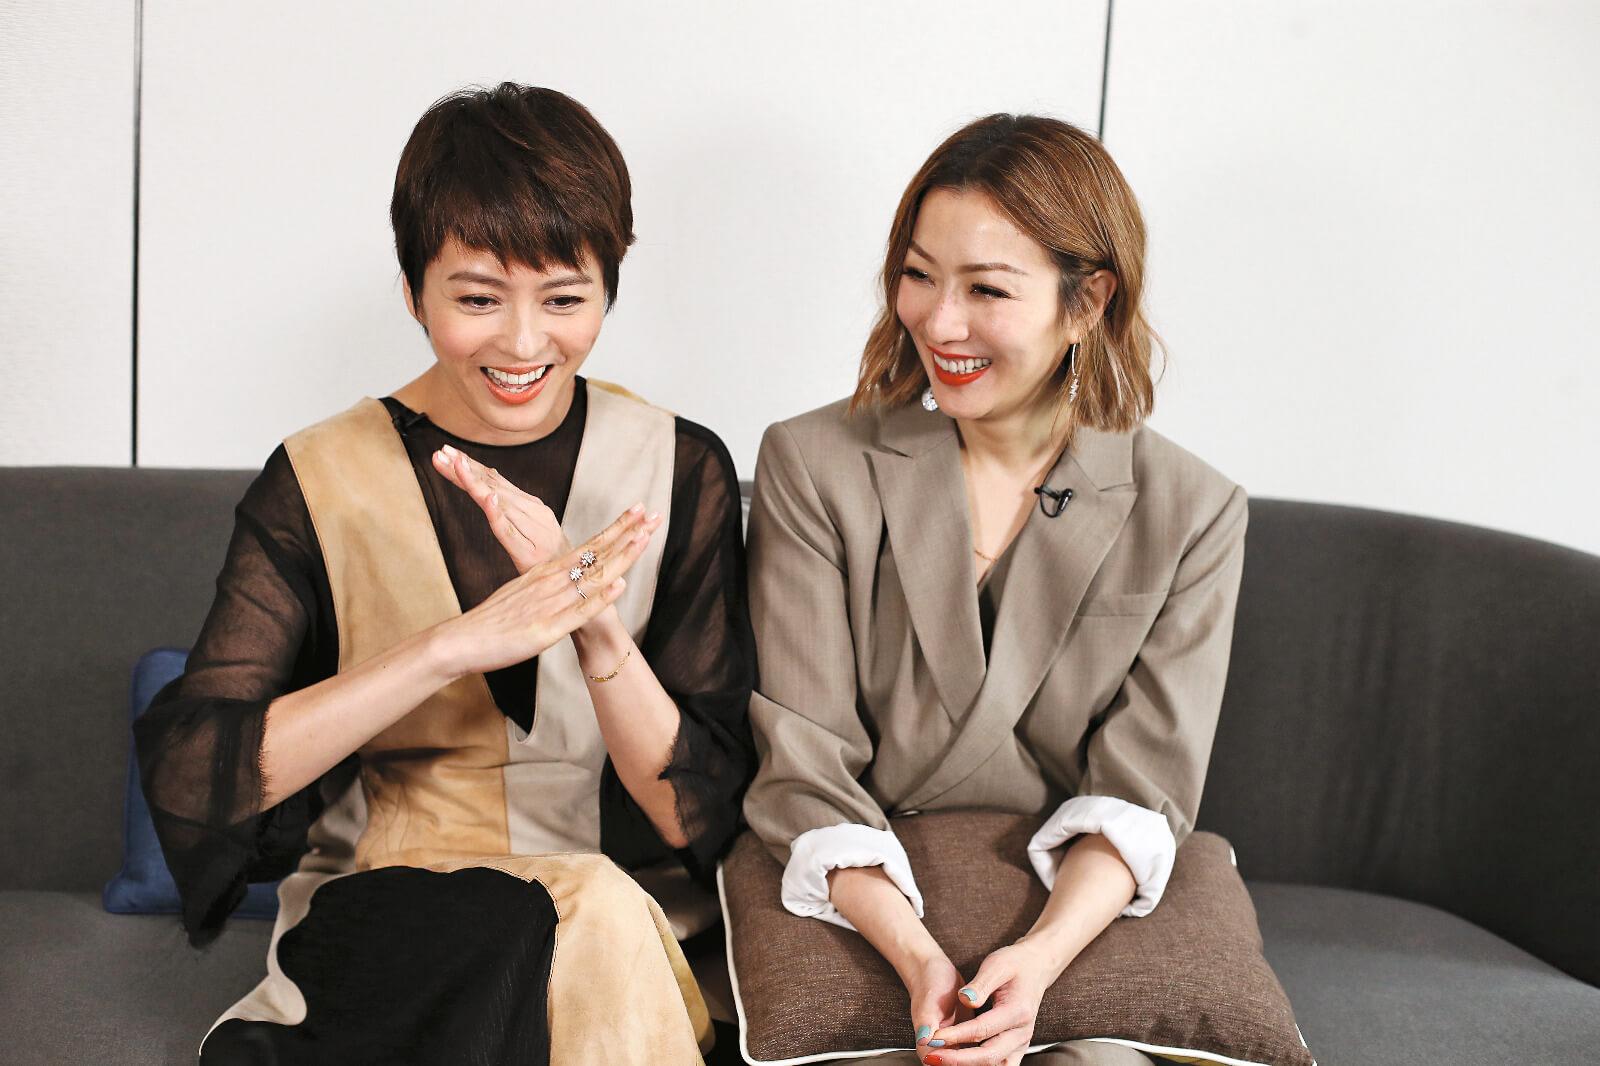 兩人在戲中都有喊戲,她們都特別感謝編劇的台詞,令情緒更容易入戲。